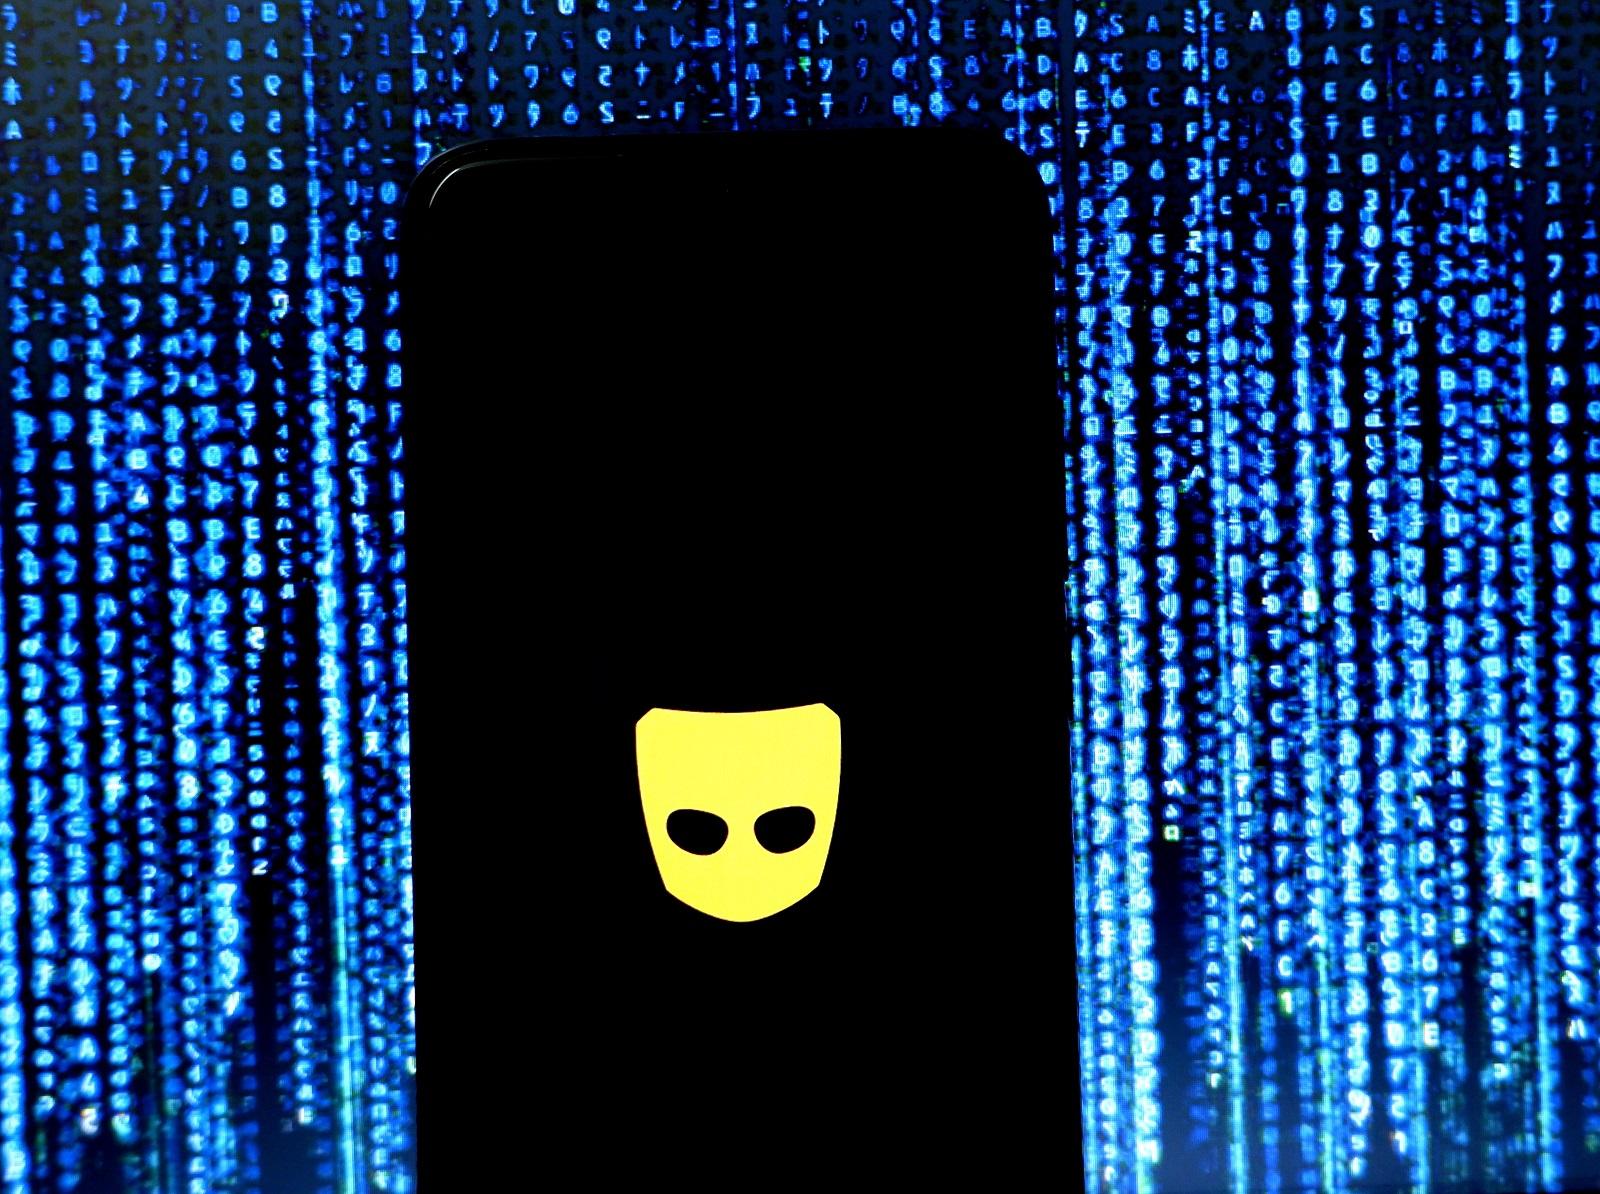 L'application Hook-up Grindr a été liée à une série de crimes violents